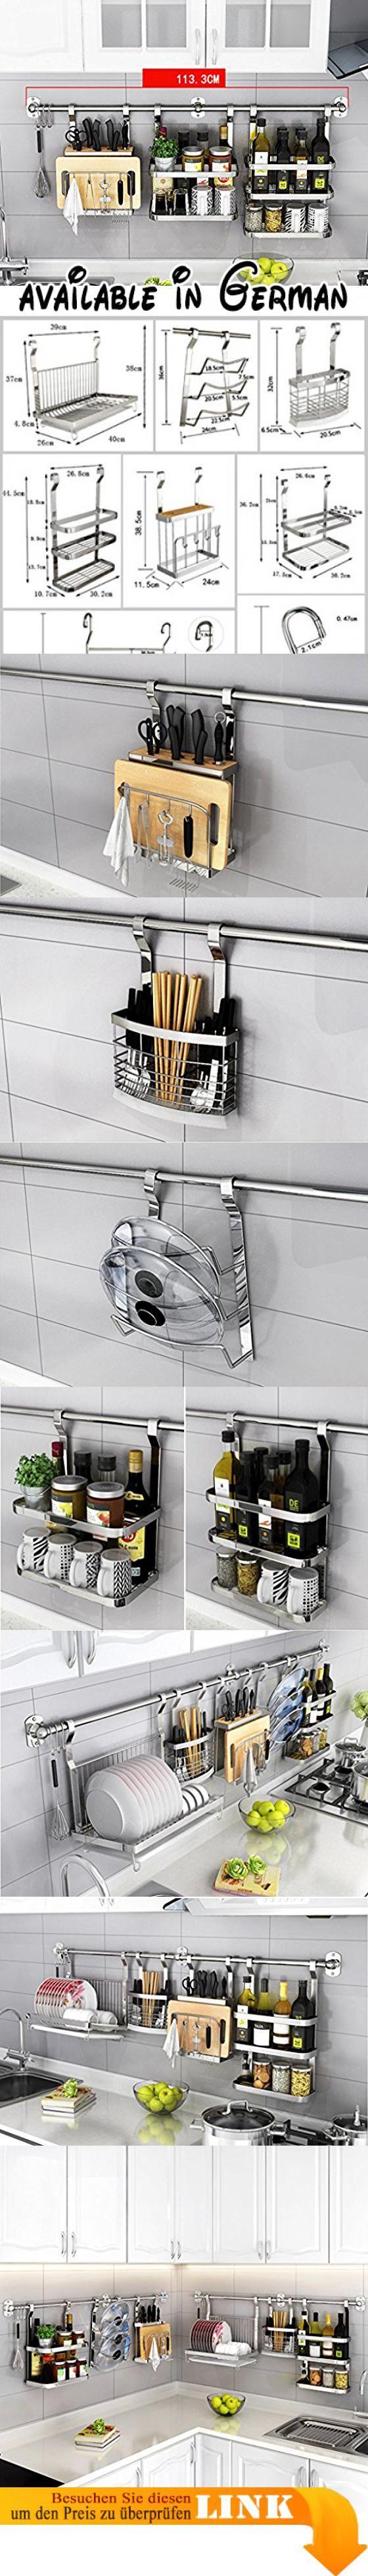 B078V26CNK : Küche Lagerung und Organisation Edelstahl Küchenregal ...